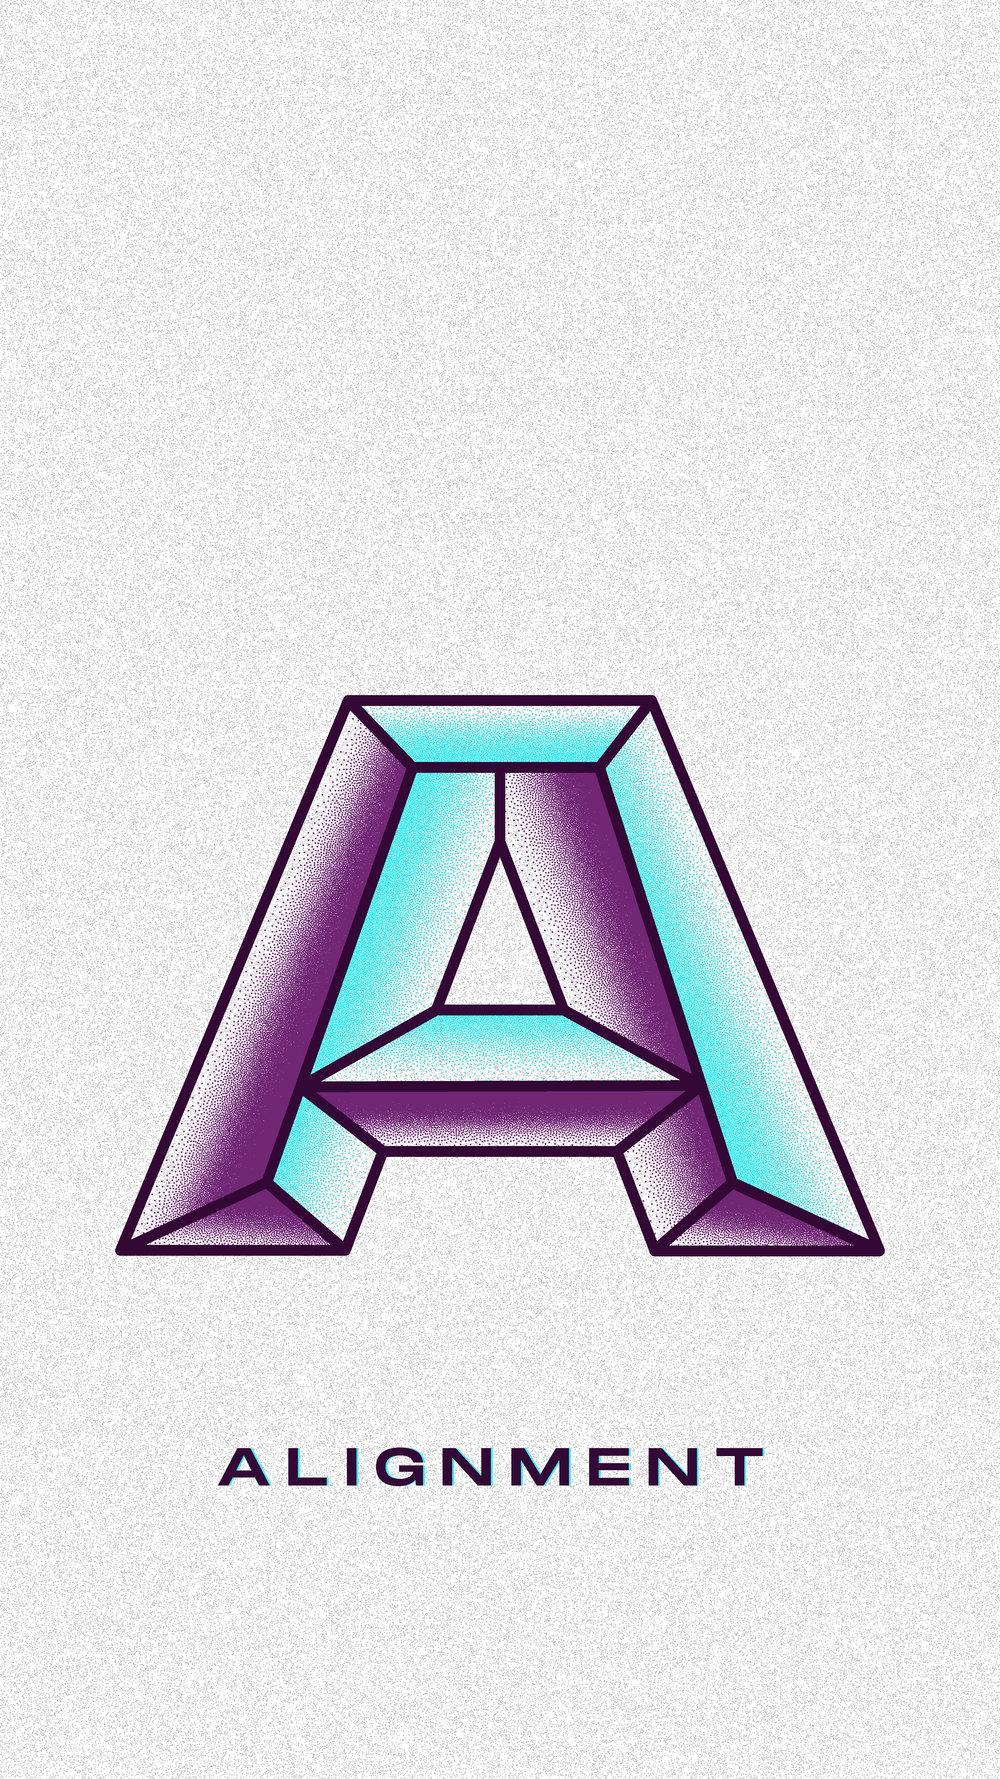 A_iPhone-01.jpg